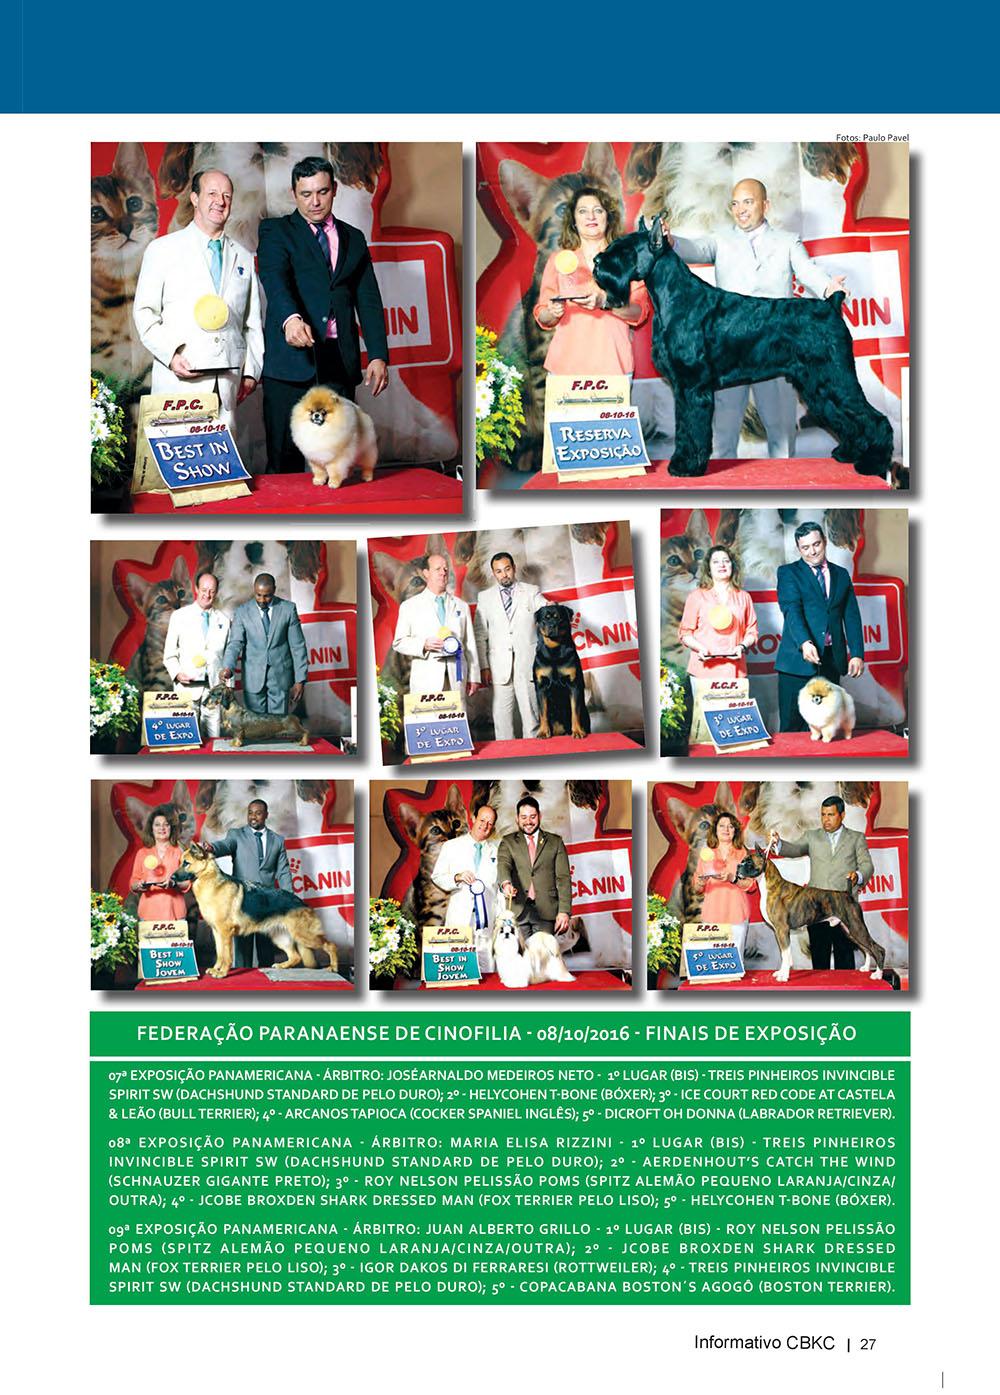 Pagina 27  Edição 53 do Informativo CBKC